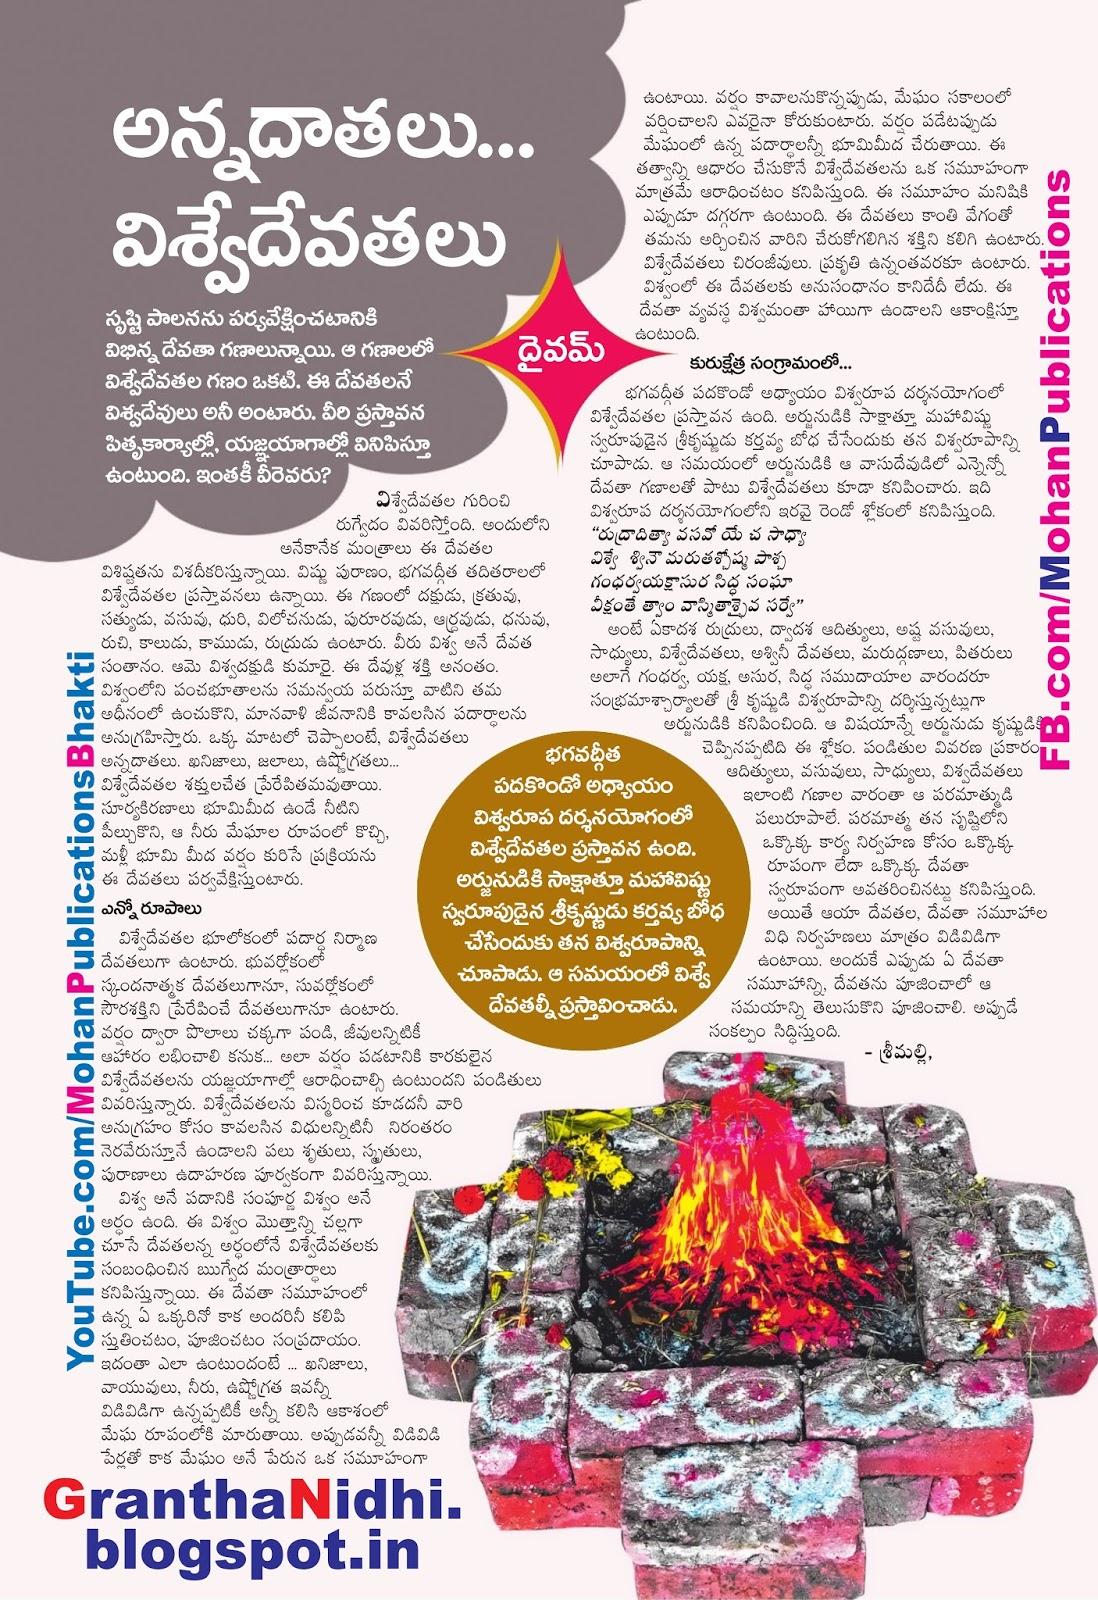 విశ్వేదేవతలు Viswadevatalu Yagnam Pindapradanam yagam homam krathuvu annadhathalu pitrudevathalu pitrudevatha Publications in Rajahmundry, Books Publisher in Rajahmundry, Popular Publisher in Rajahmundry, BhaktiPustakalu, Makarandam, Bhakthi Pustakalu, JYOTHISA,VASTU,MANTRA, TANTRA,YANTRA,RASIPALITALU, BHAKTI,LEELA,BHAKTHI SONGS, BHAKTHI,LAGNA,PURANA,NOMULU, VRATHAMULU,POOJALU,  KALABHAIRAVAGURU, SAHASRANAMAMULU,KAVACHAMULU, ASHTORAPUJA,KALASAPUJALU, KUJA DOSHA,DASAMAHAVIDYA, SADHANALU,MOHAN PUBLICATIONS, RAJAHMUNDRY BOOK STORE, BOOKS,DEVOTIONAL BOOKS, KALABHAIRAVA GURU,KALABHAIRAVA, RAJAMAHENDRAVARAM,GODAVARI,GOWTHAMI, FORTGATE,KOTAGUMMAM,GODAVARI RAILWAY STATION, PRINT BOOKS,E BOOKS,PDF BOOKS, FREE PDF BOOKS,BHAKTHI MANDARAM,GRANTHANIDHI, GRANDANIDI,GRANDHANIDHI, BHAKTHI PUSTHAKALU, BHAKTI PUSTHAKALU, BHAKTHI